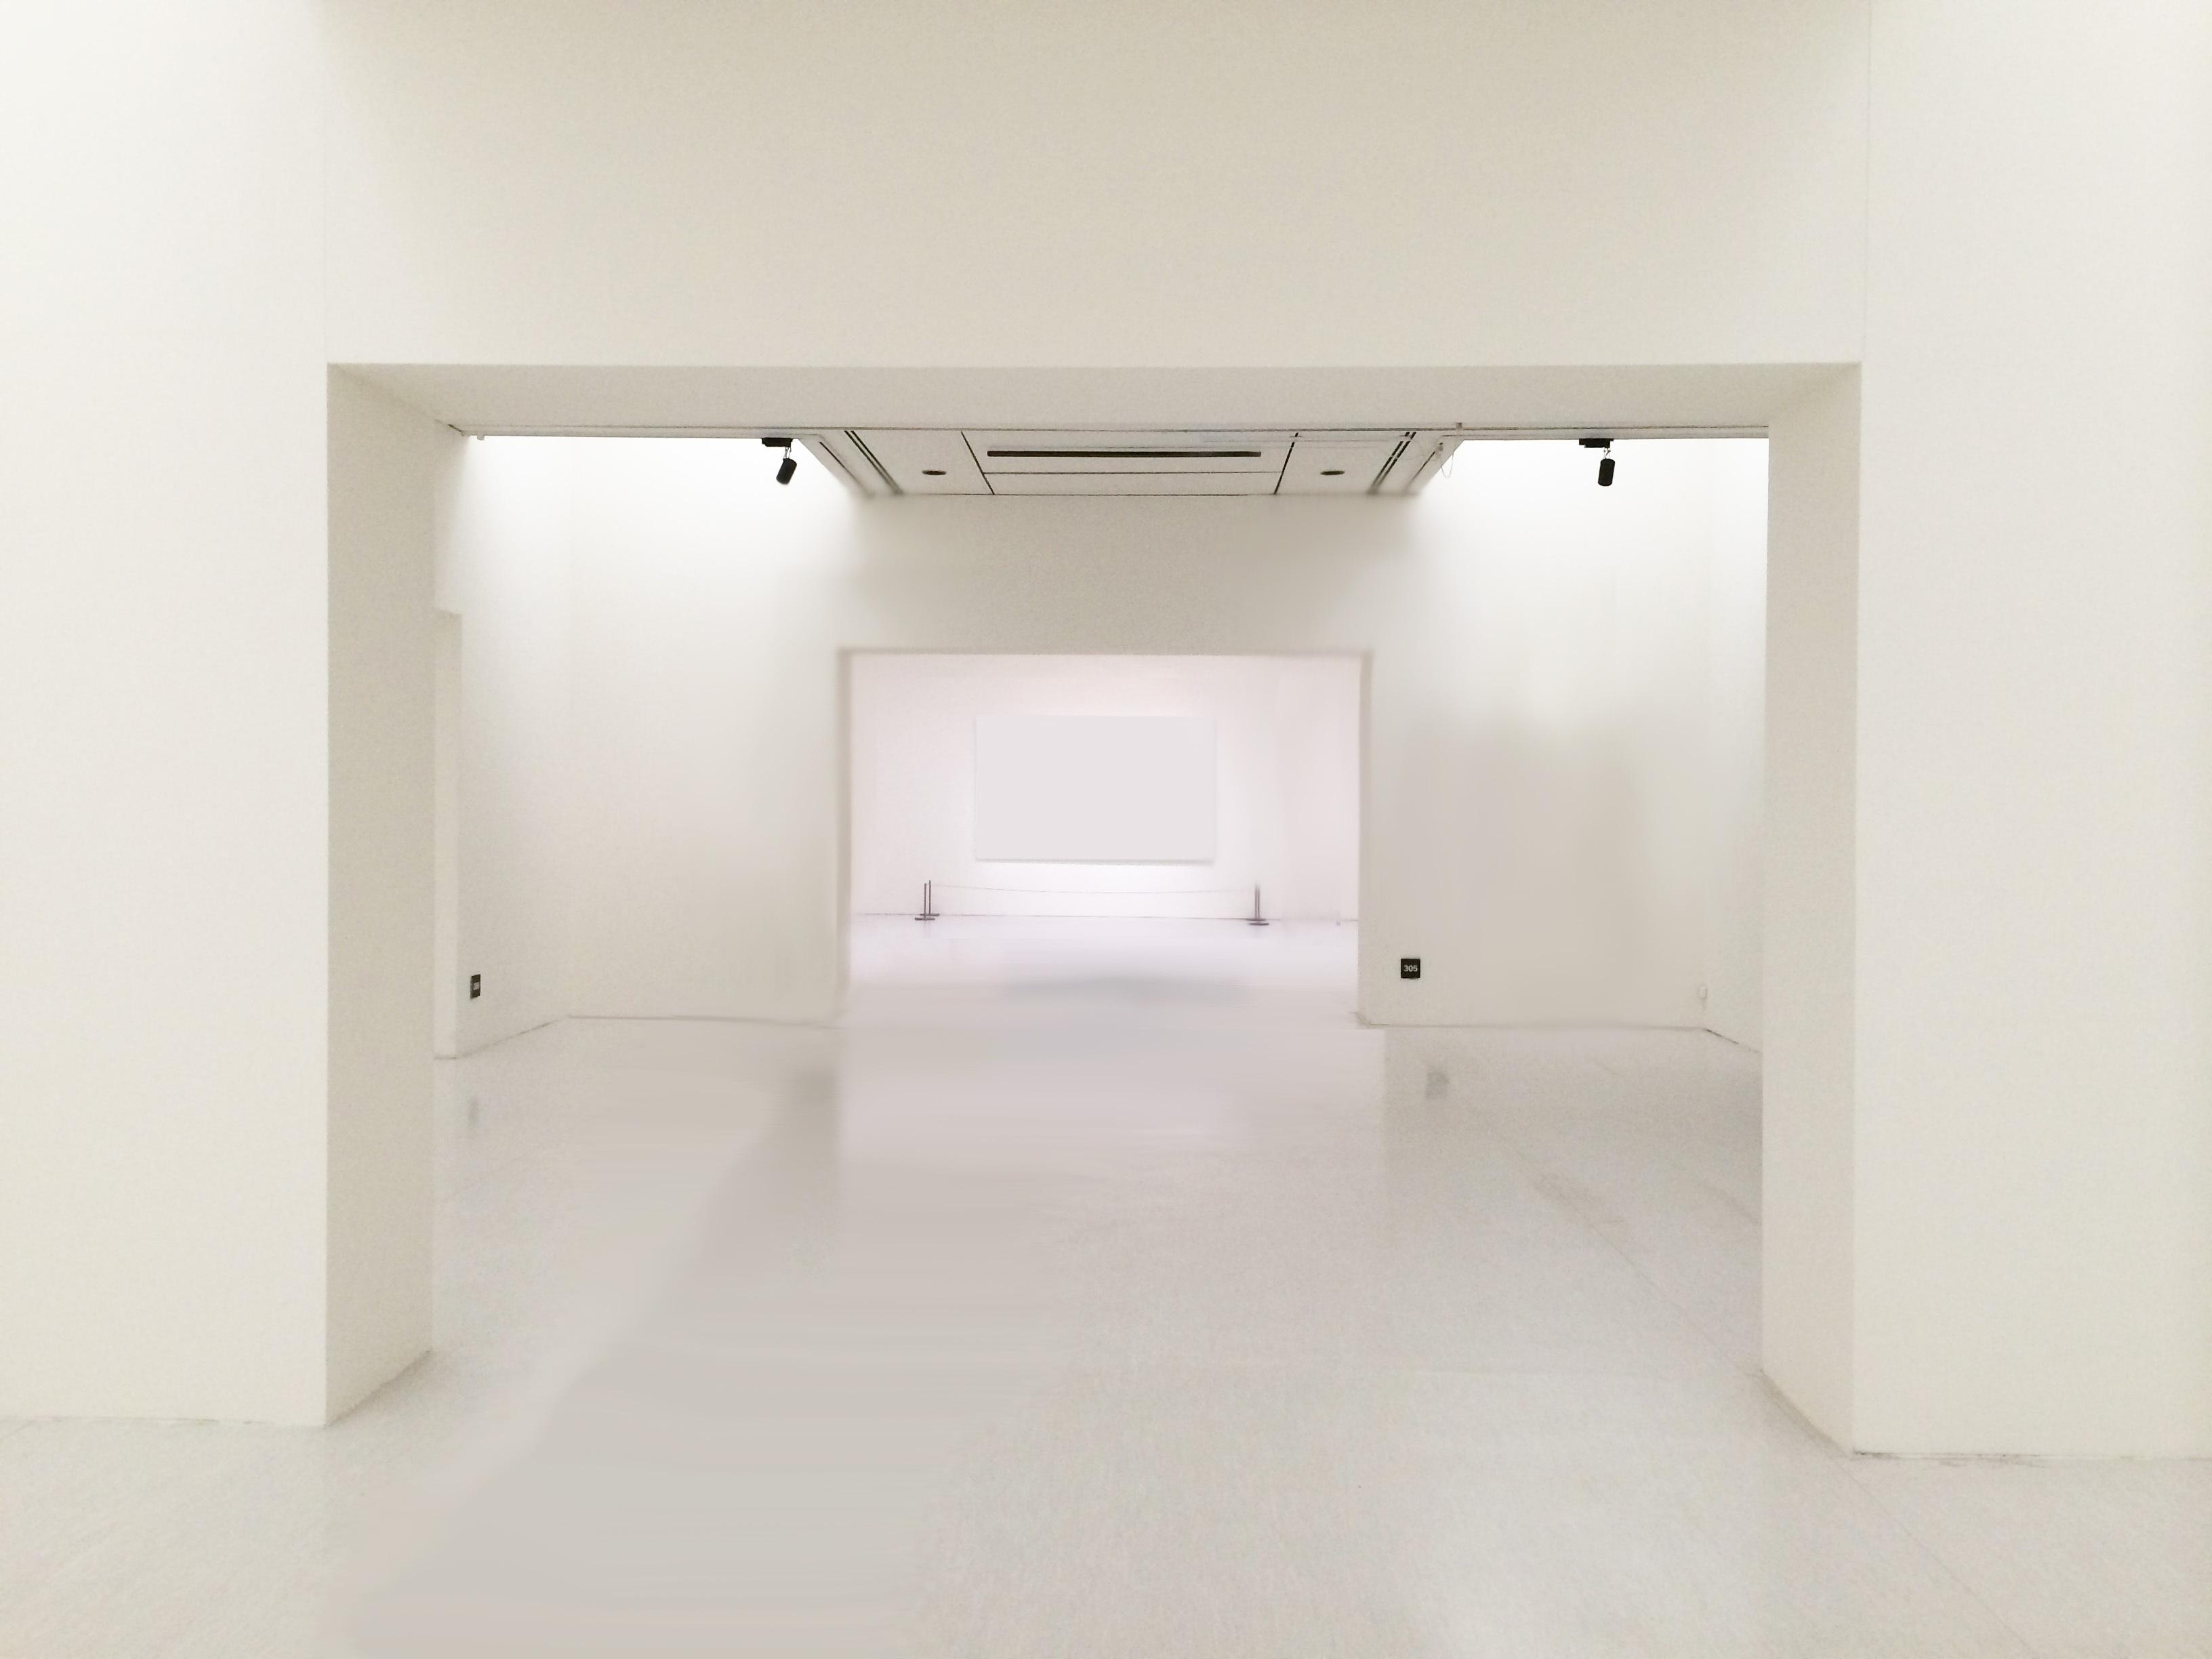 무료 이미지 화이트 바닥 박물관 재산 상자 방 인테리어 디자인 공백 전시회 부동산